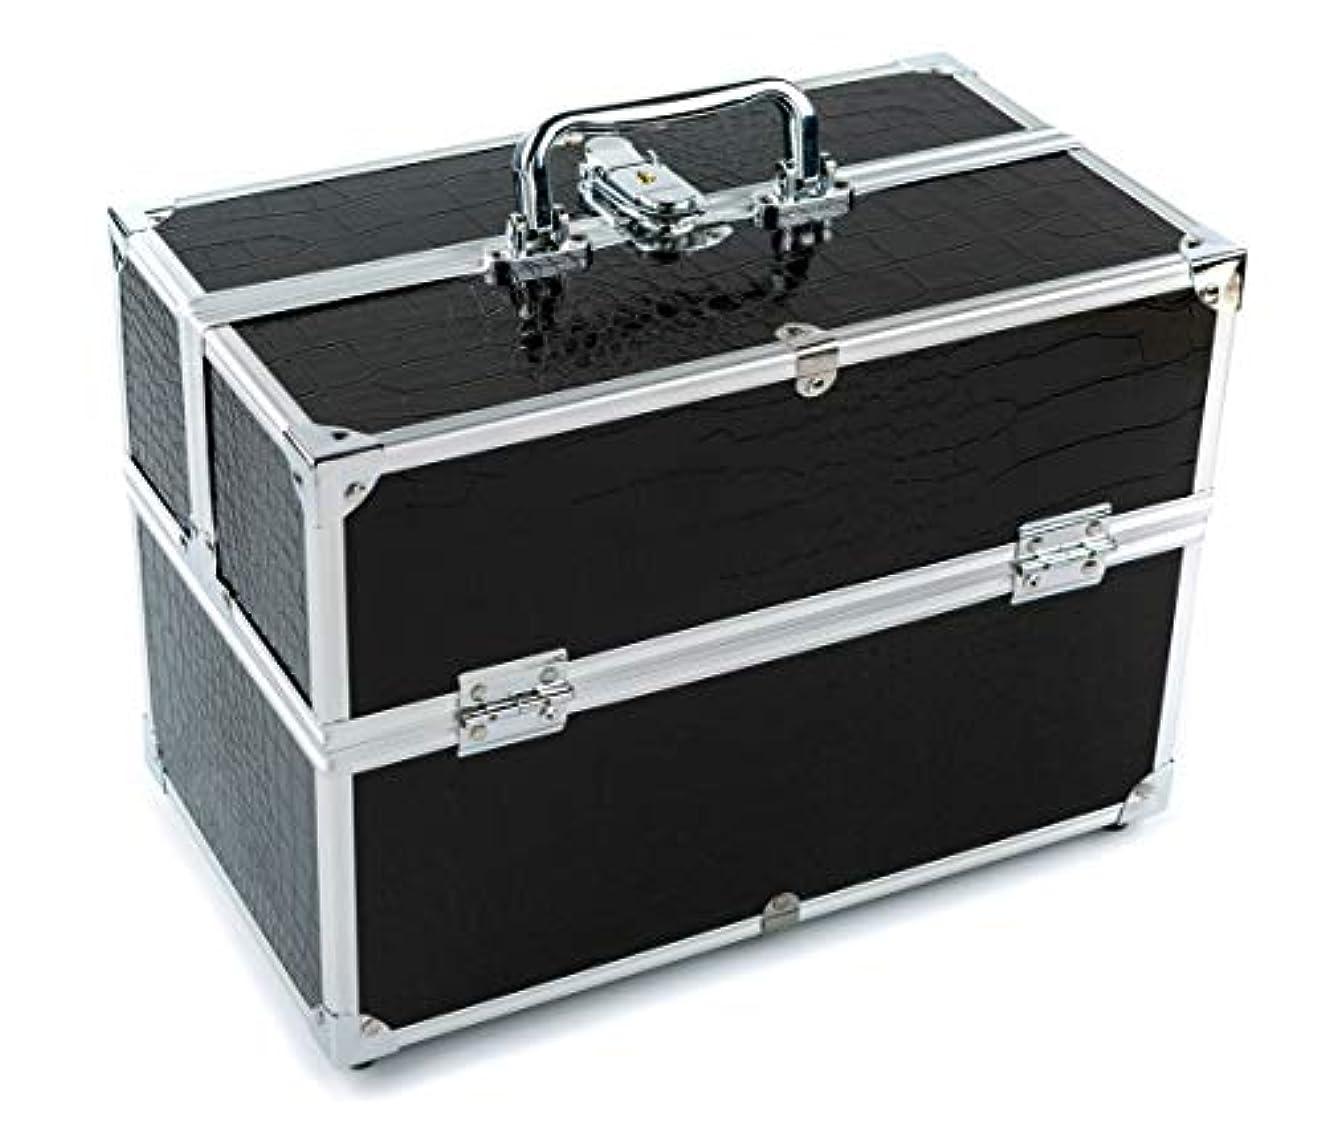 シェーバー満員移住するGOGOS メイクボックス 持ち運び 人気 かわいい アルミ制 大容量 化粧品収納ケース コスメBOX コスメボック 化粧道具入れ 化粧品収納 取っ手付 祝日プレゼント